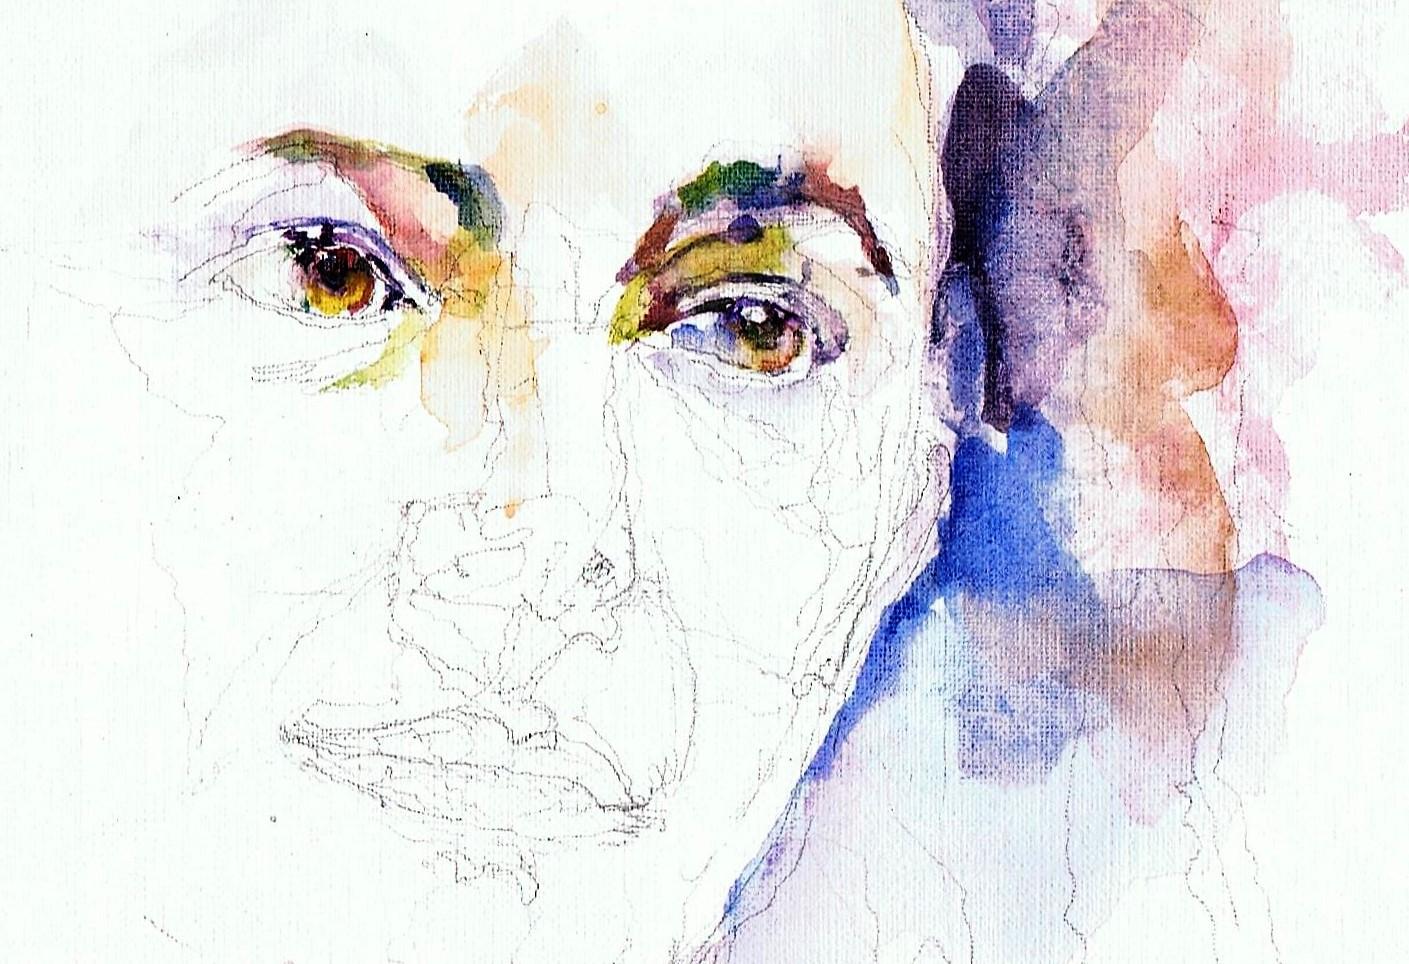 365 dagen een portret 168 Femke Halsema, politica Aquarel 19c25